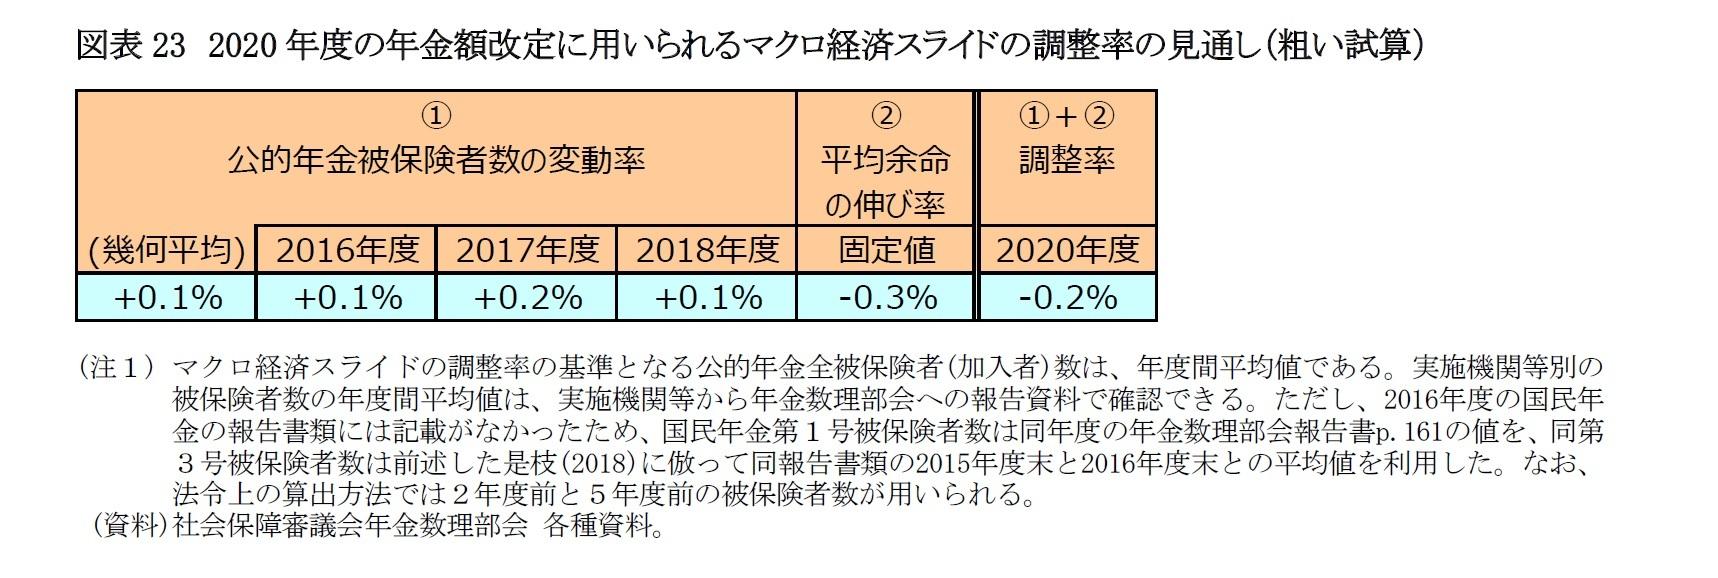 図表23 2020年度の年金額改定に用いられるマクロ経済スライドの調整率の見通し(粗い試算)